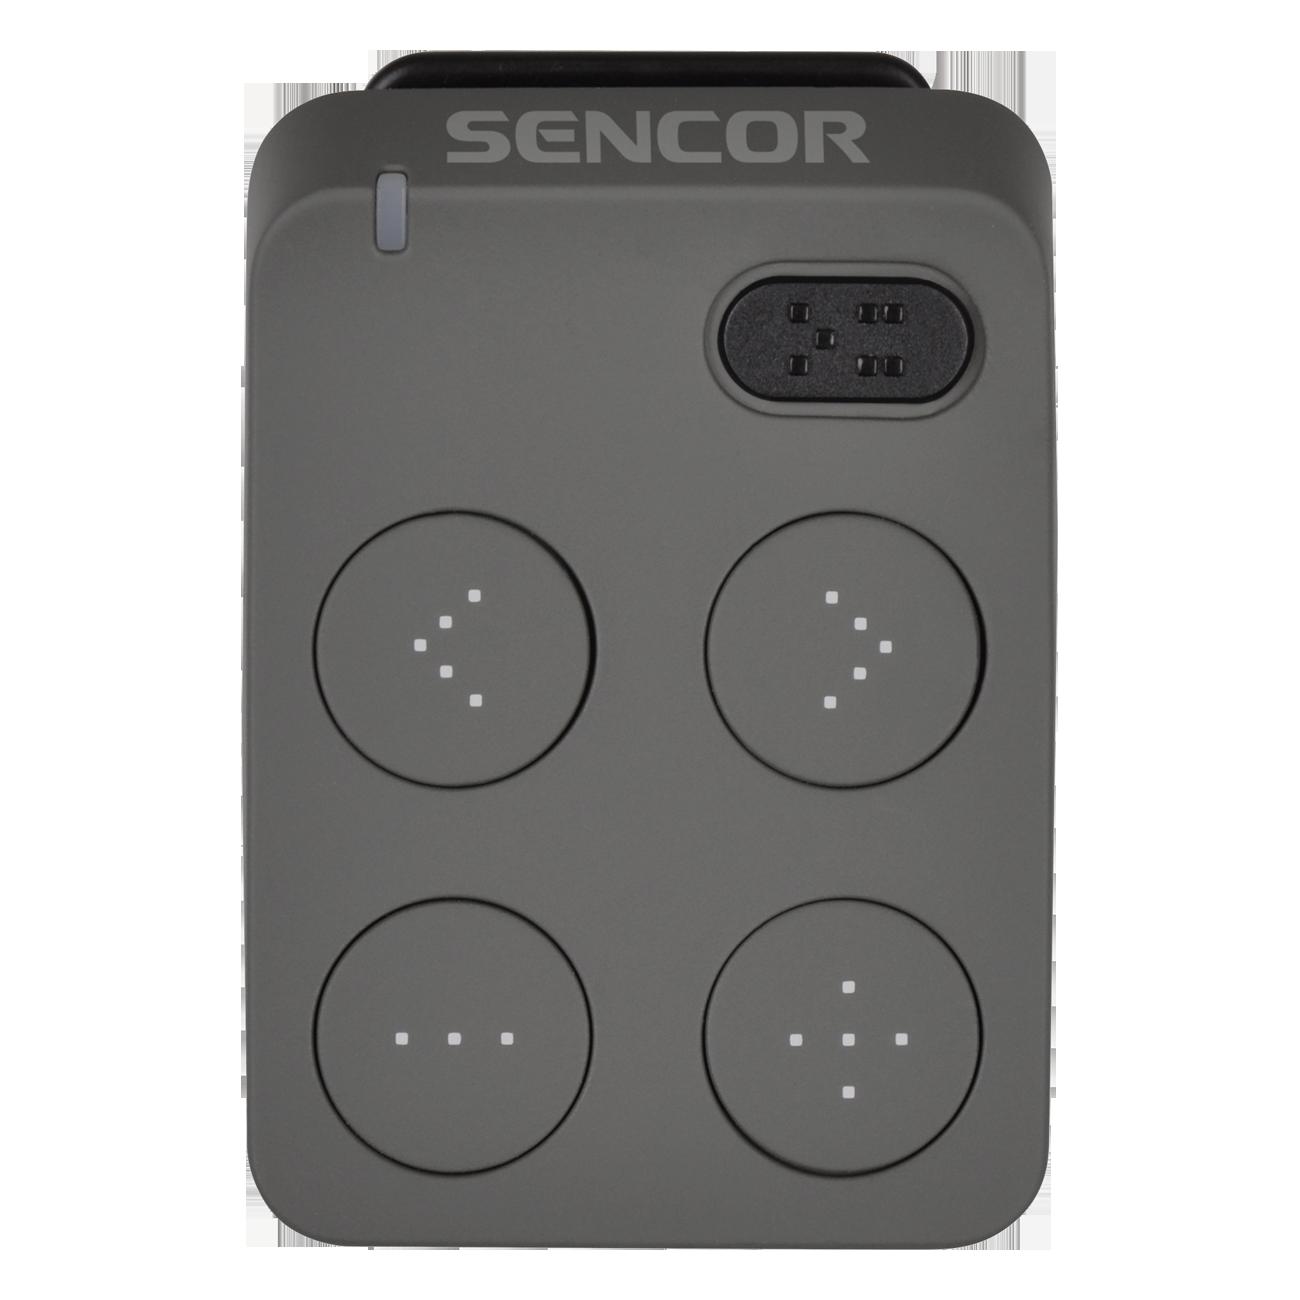 Sencor SFP 1460 DG